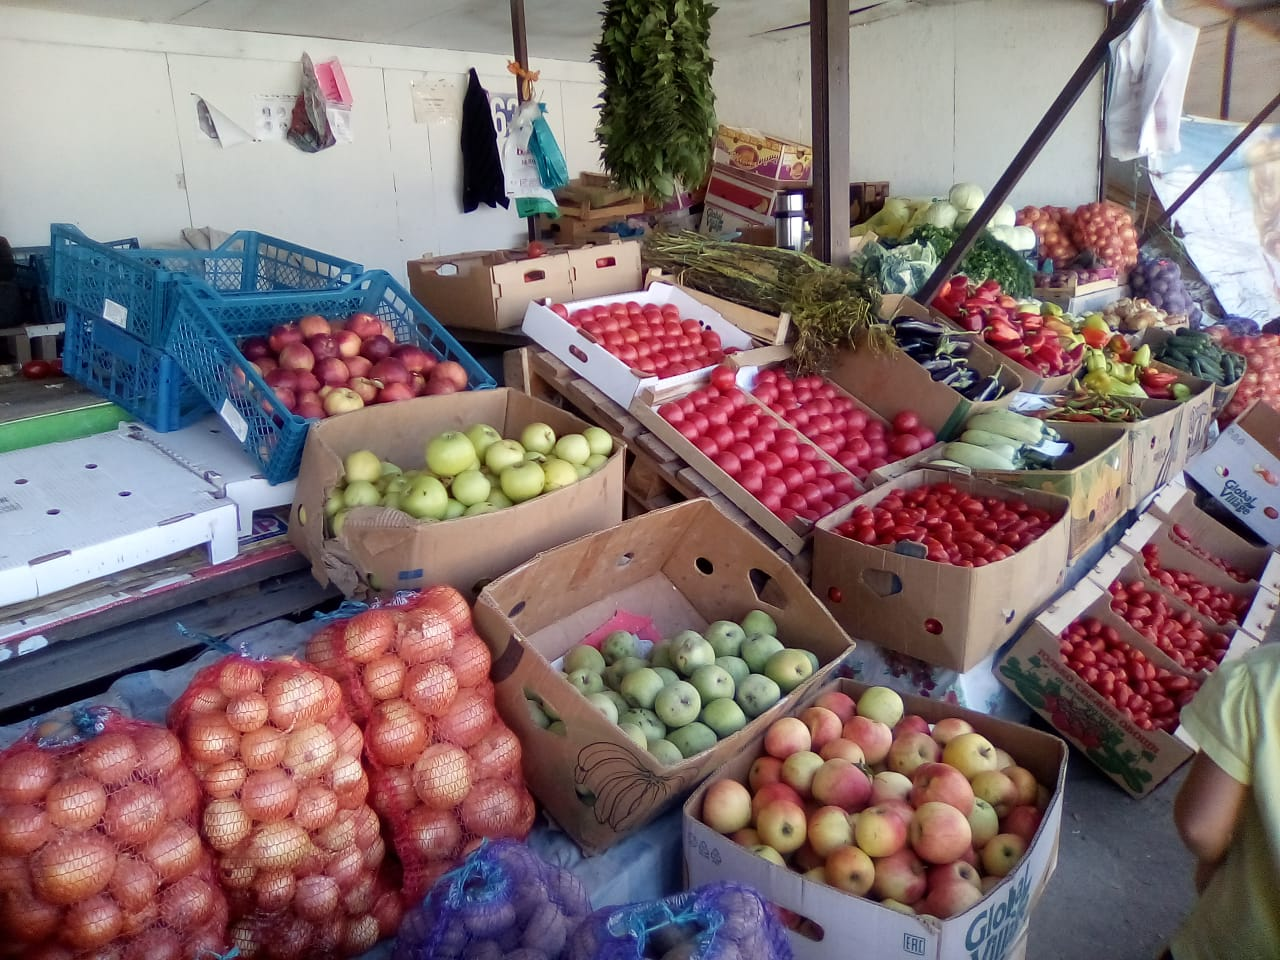 Роспотребнадзор готов пообщаться с народом по поводу качества овощей и фруктов